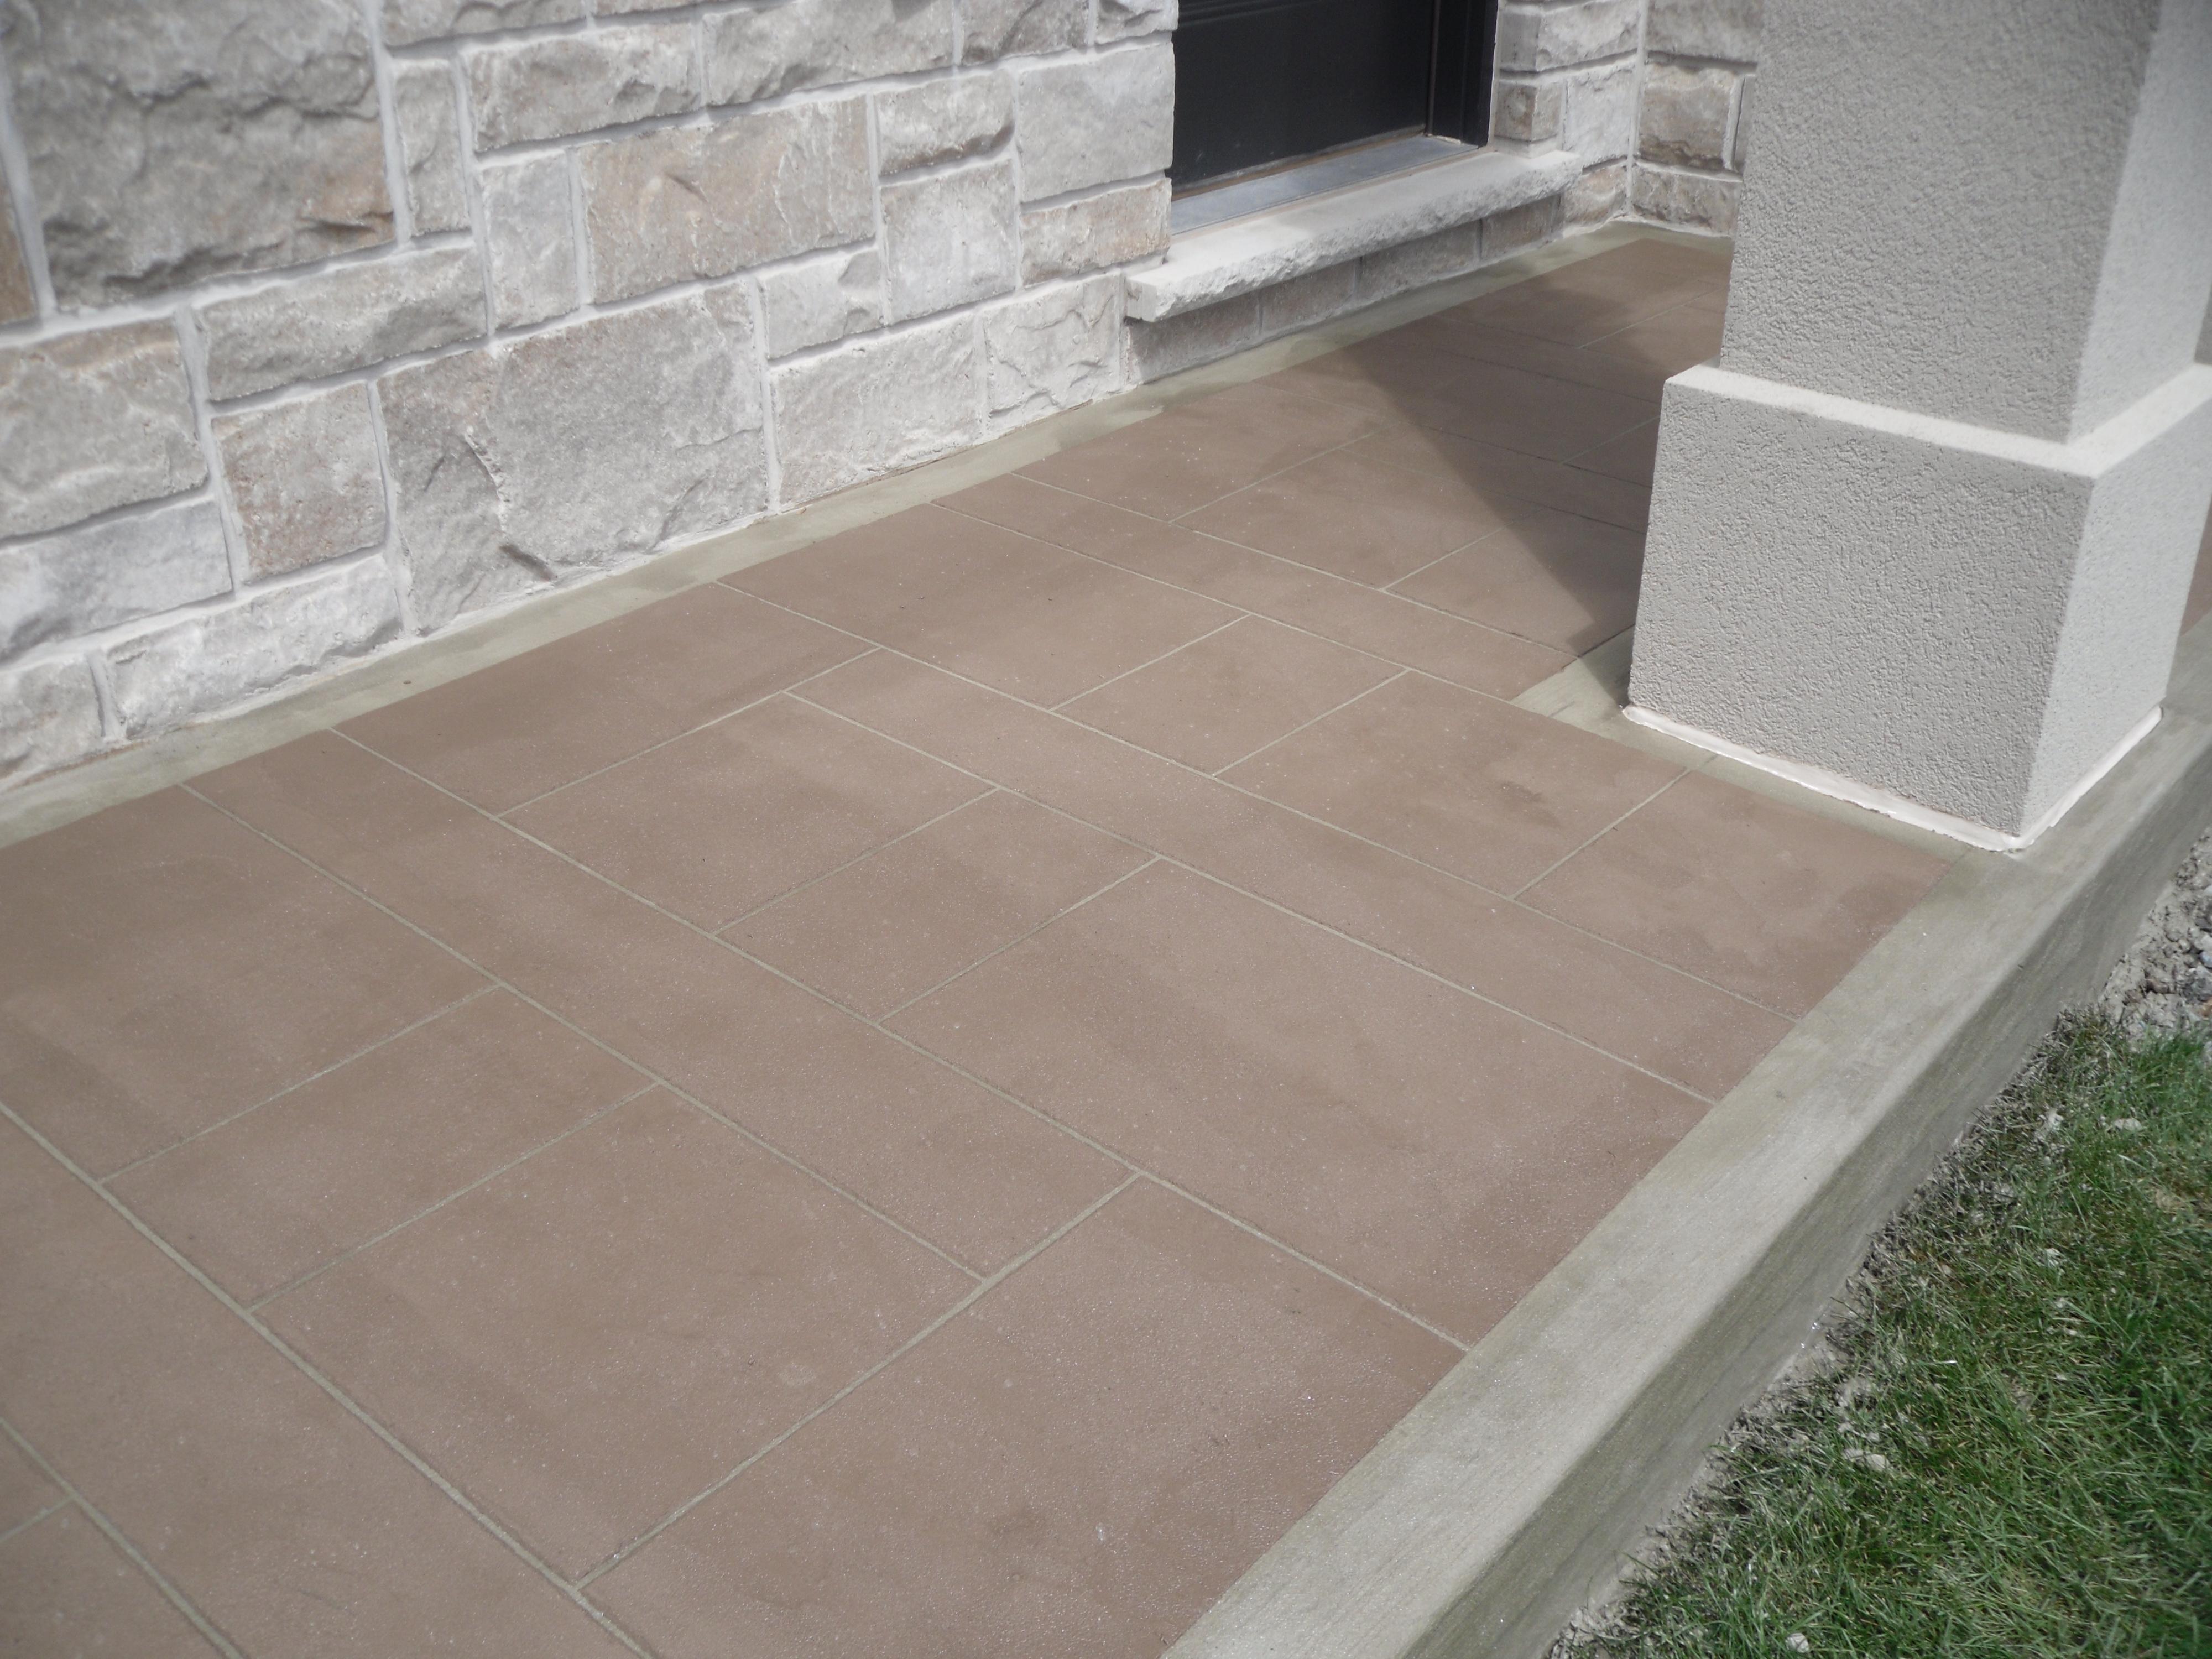 Concrete Paint : Photos - TYBO Concrete Coatings, Repair & Restoration